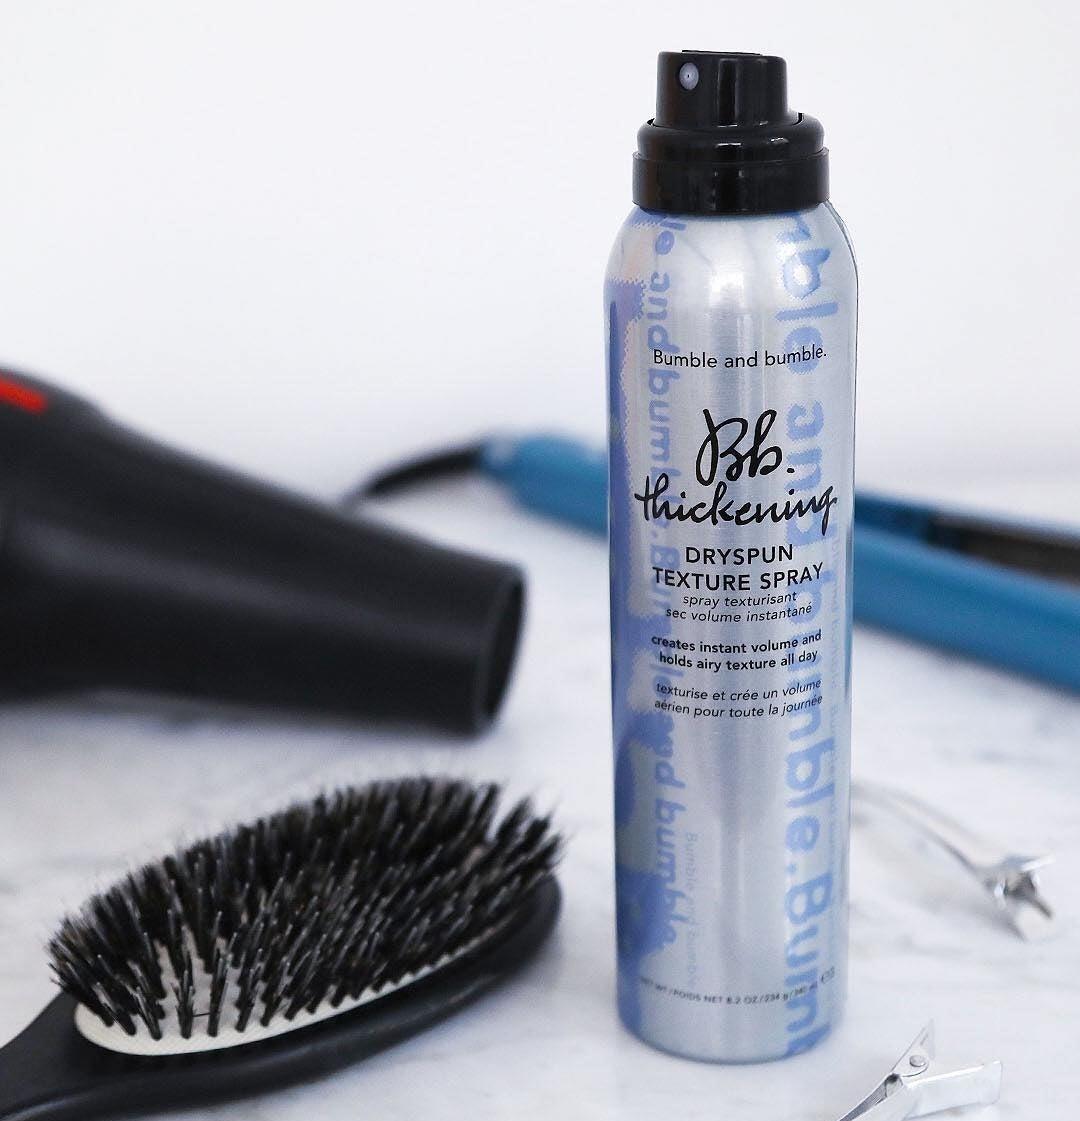 Close-up shot of Bumble and Bumble's Dryspun Texture Spray